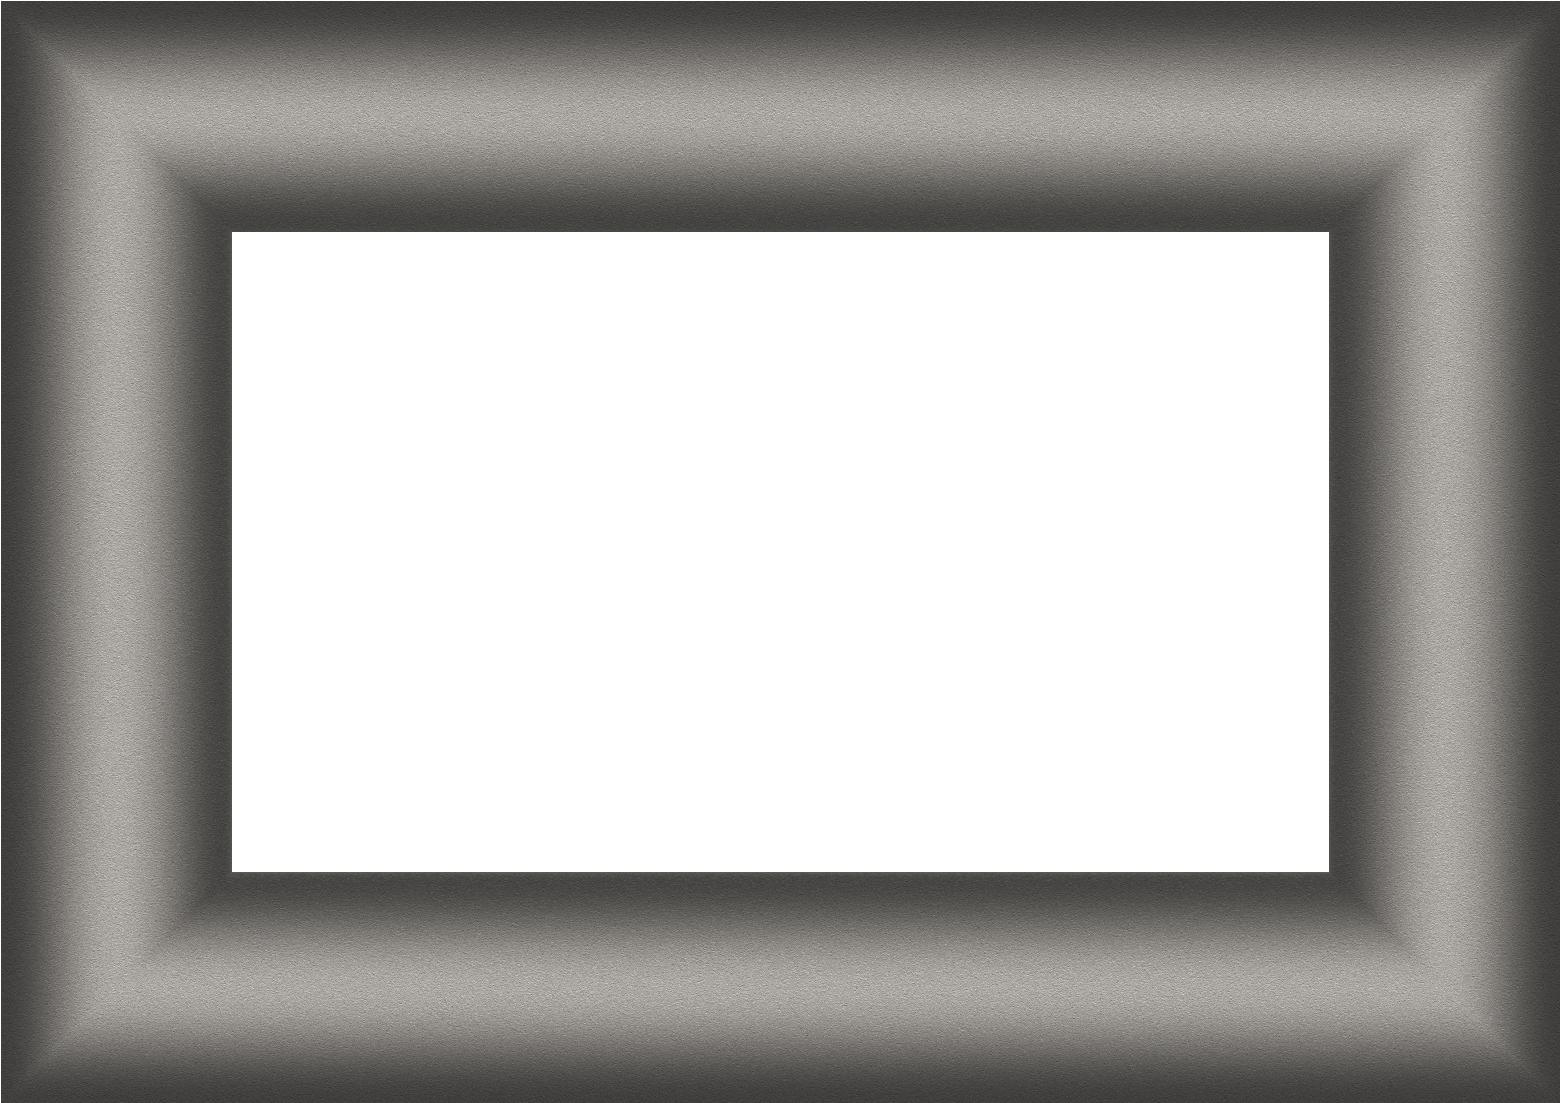 cadre photo encadrement logo ic 244 ne 3d images photos gratuites images gratuites et libres de droits